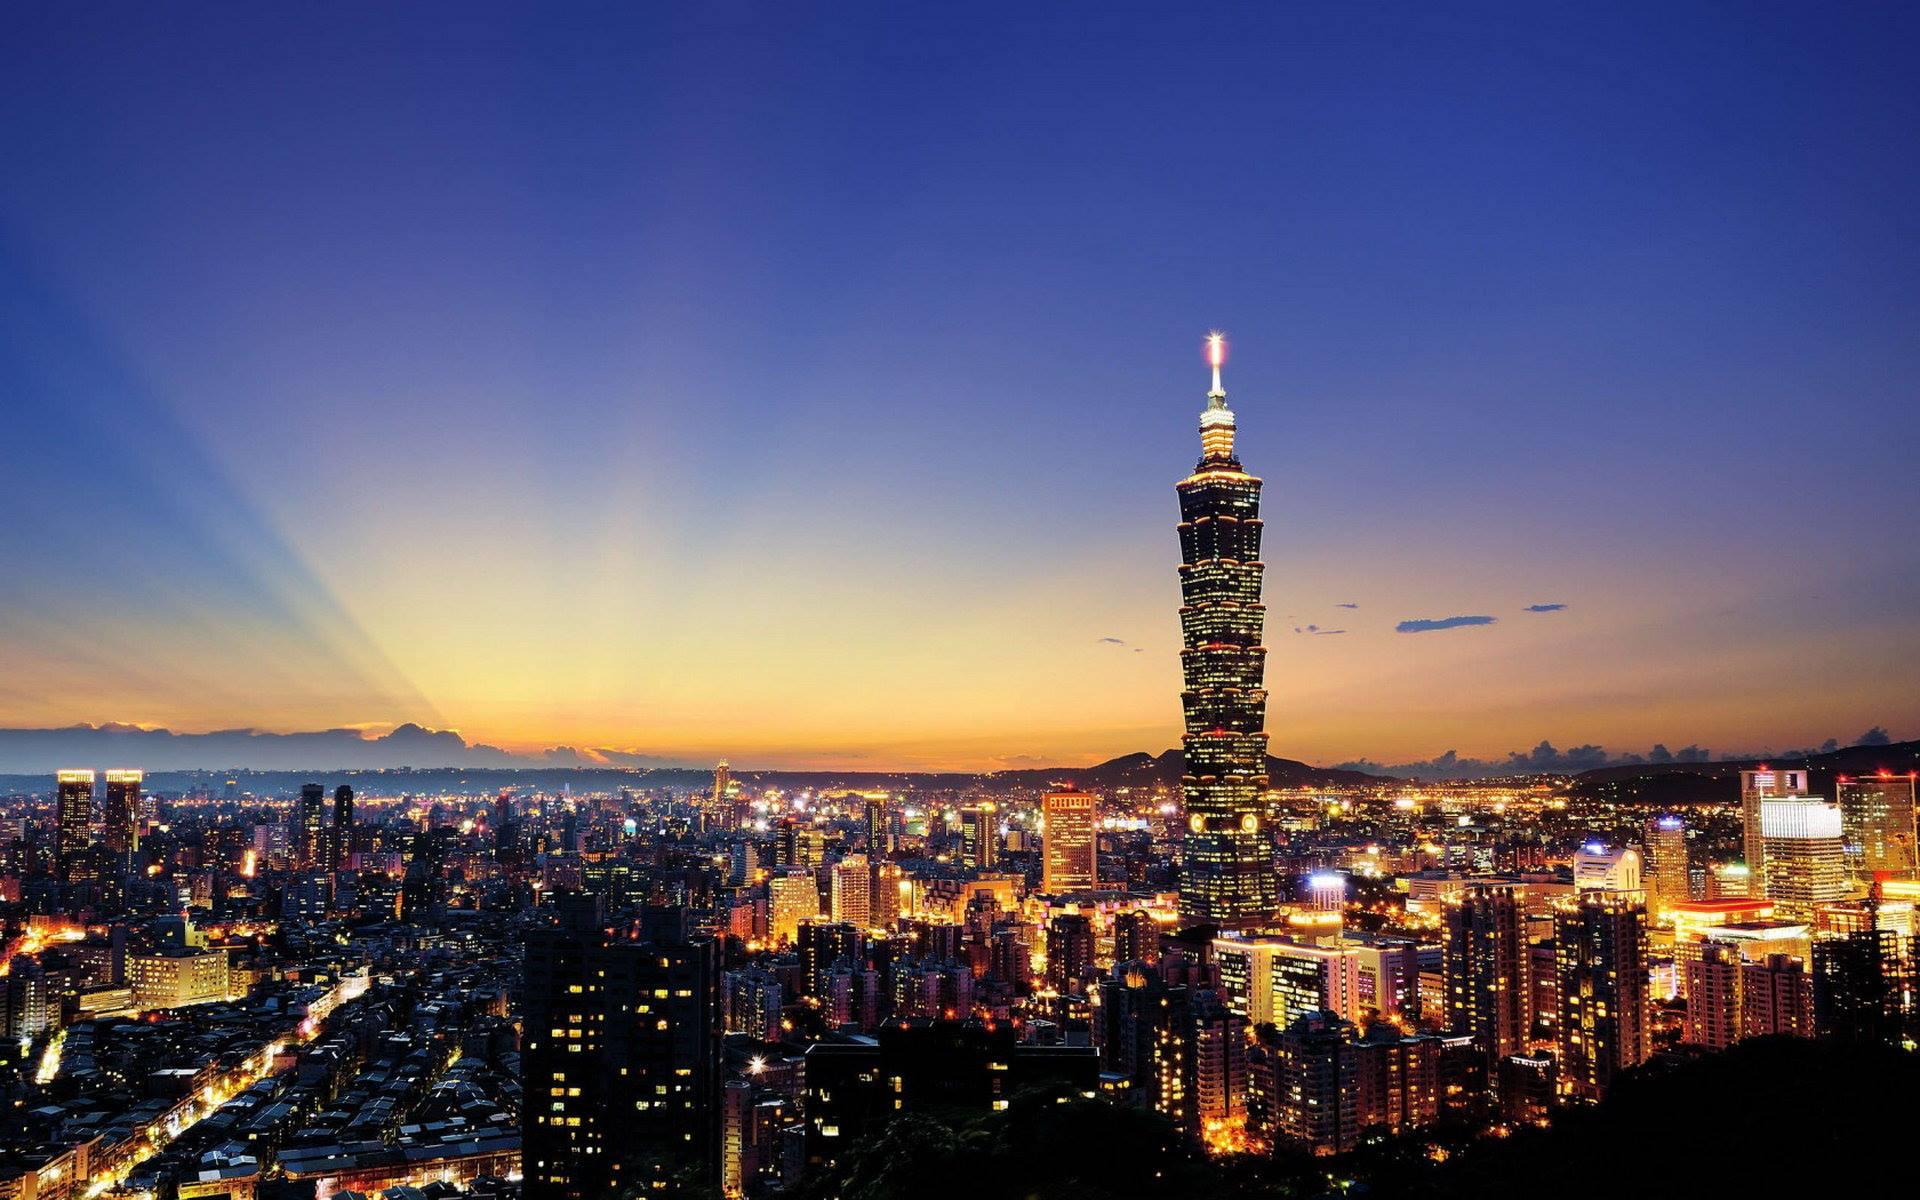 台北象山で夜景を見よう!台北市内が1番美しく見渡せる場所をご紹介!